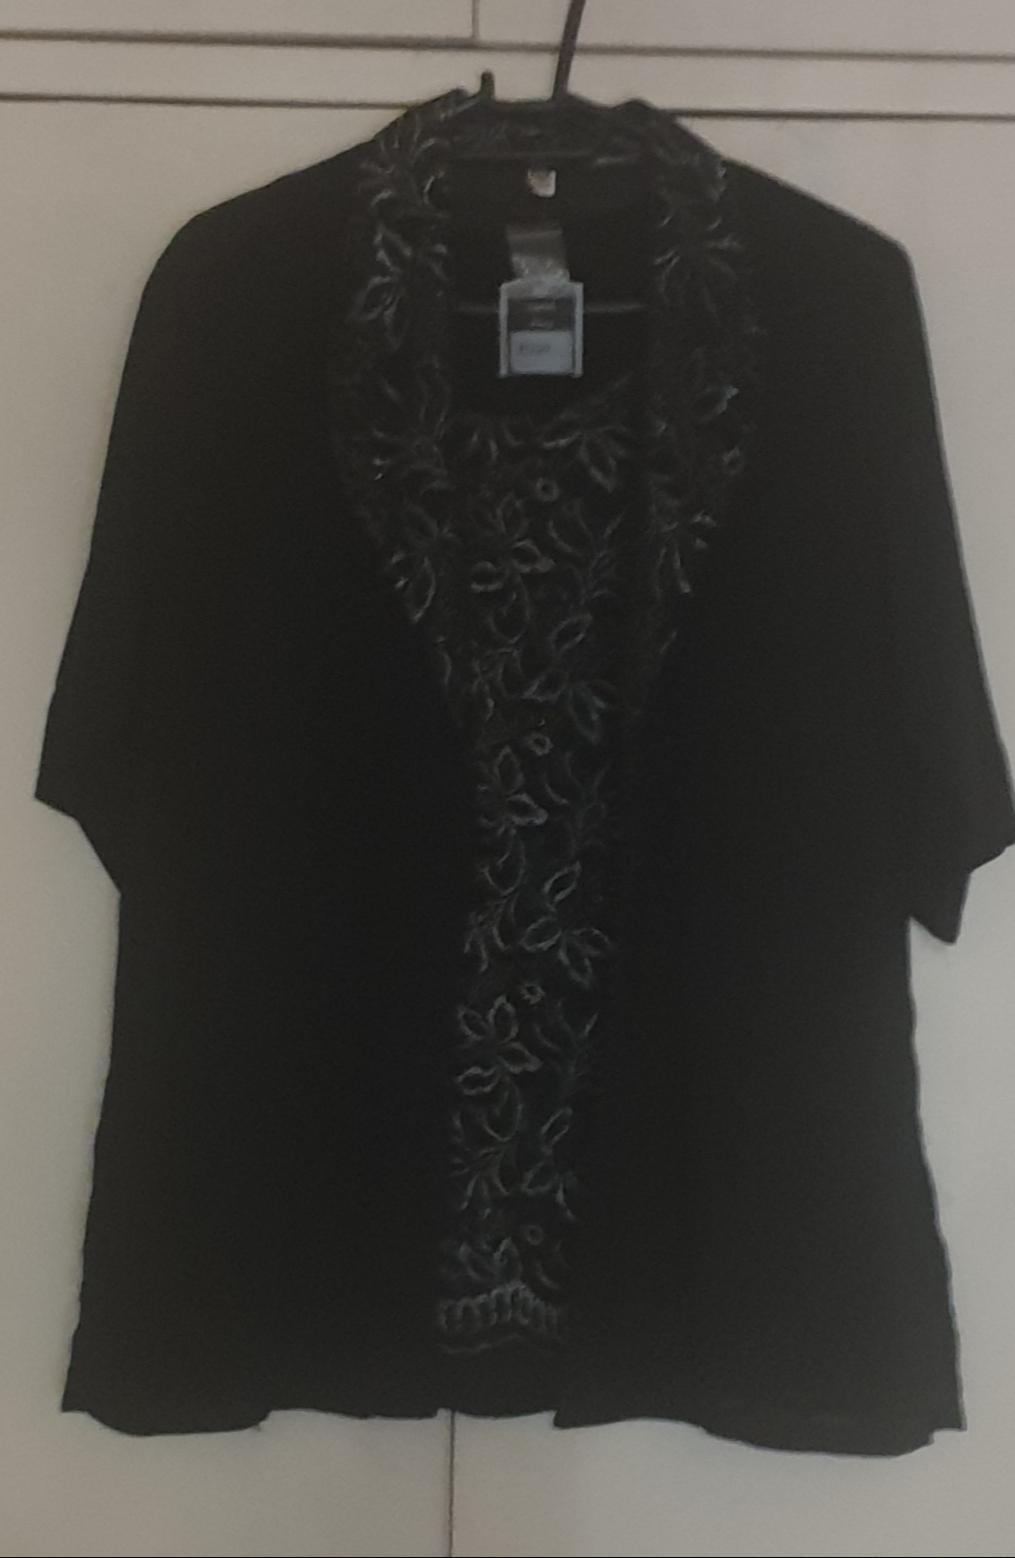 Wholesale Bale Clothing